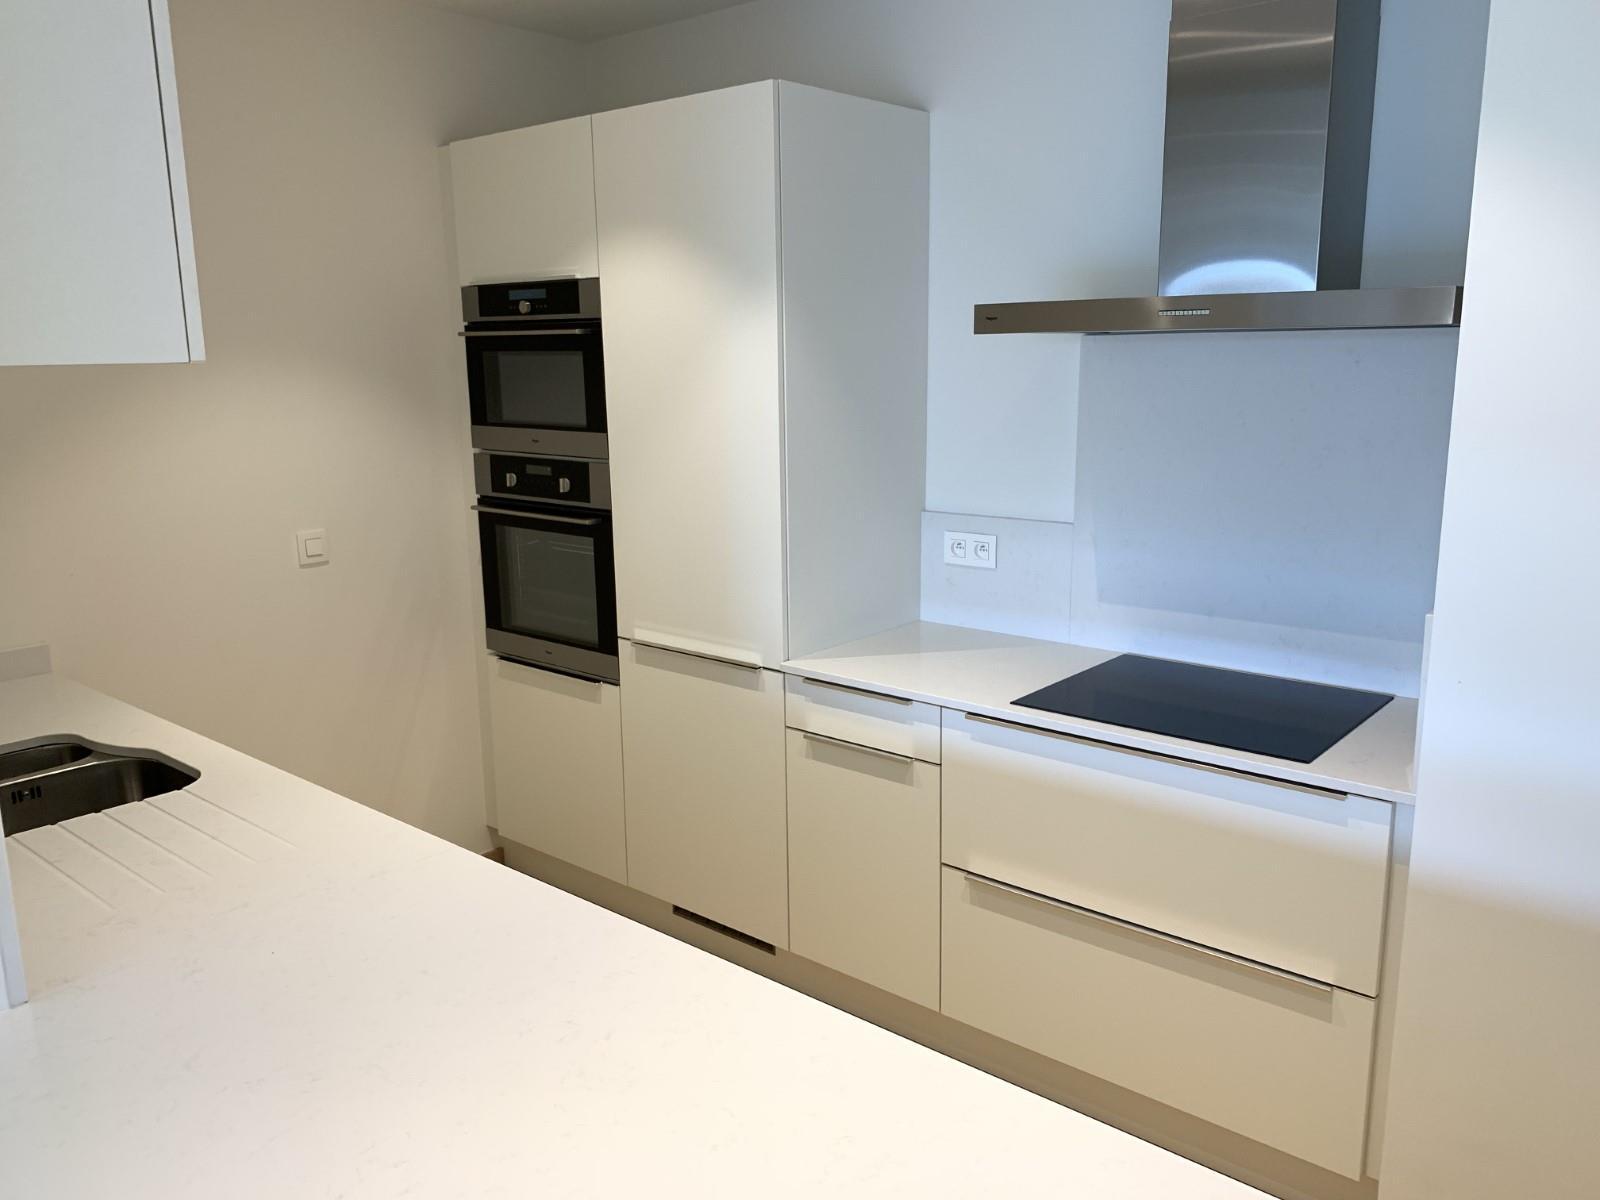 Appartement exceptionnel - Ixelles - #3851241-3